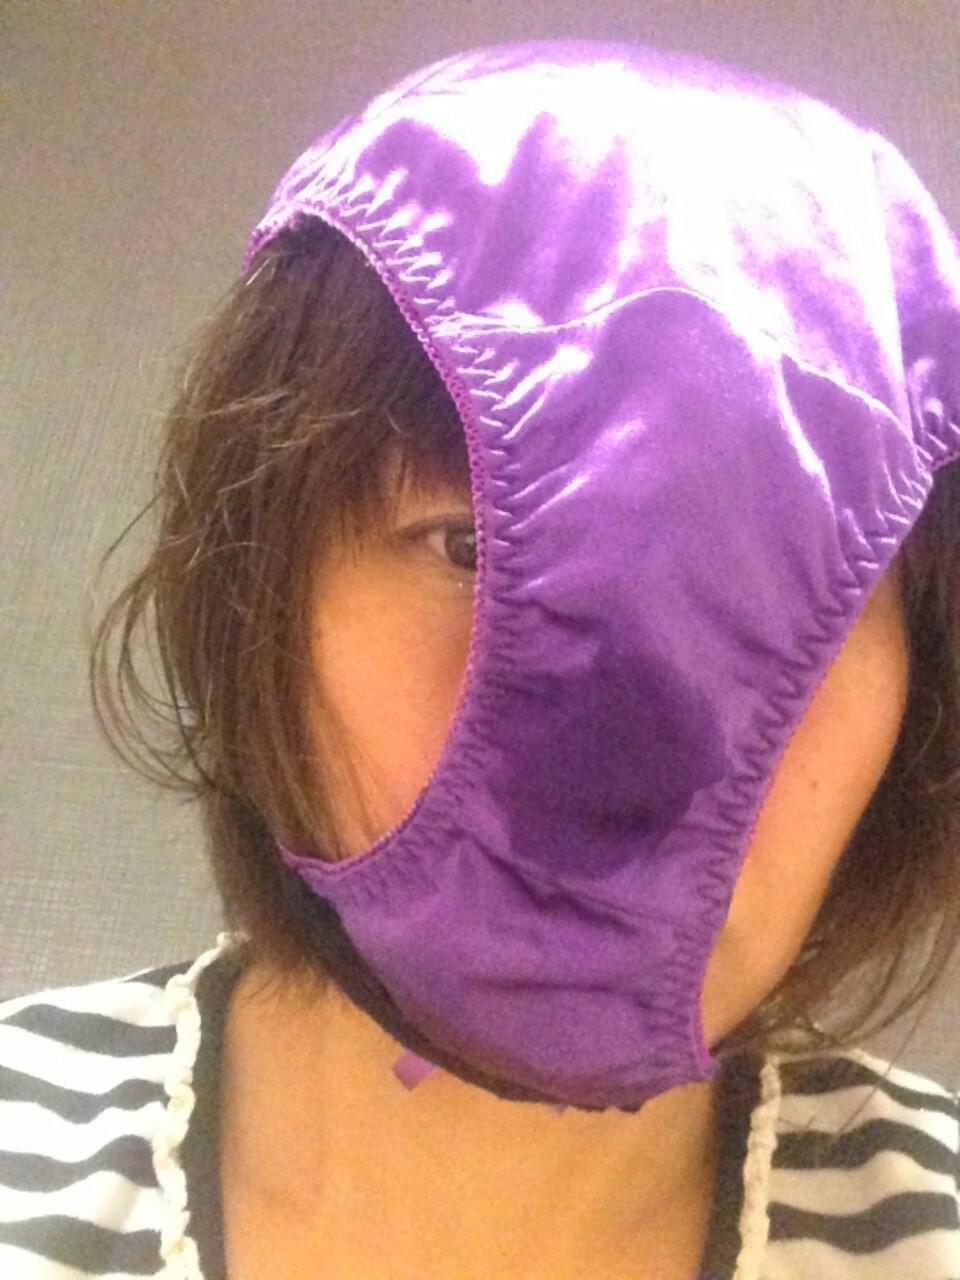 パンツを頭から被ってる素人女性 5